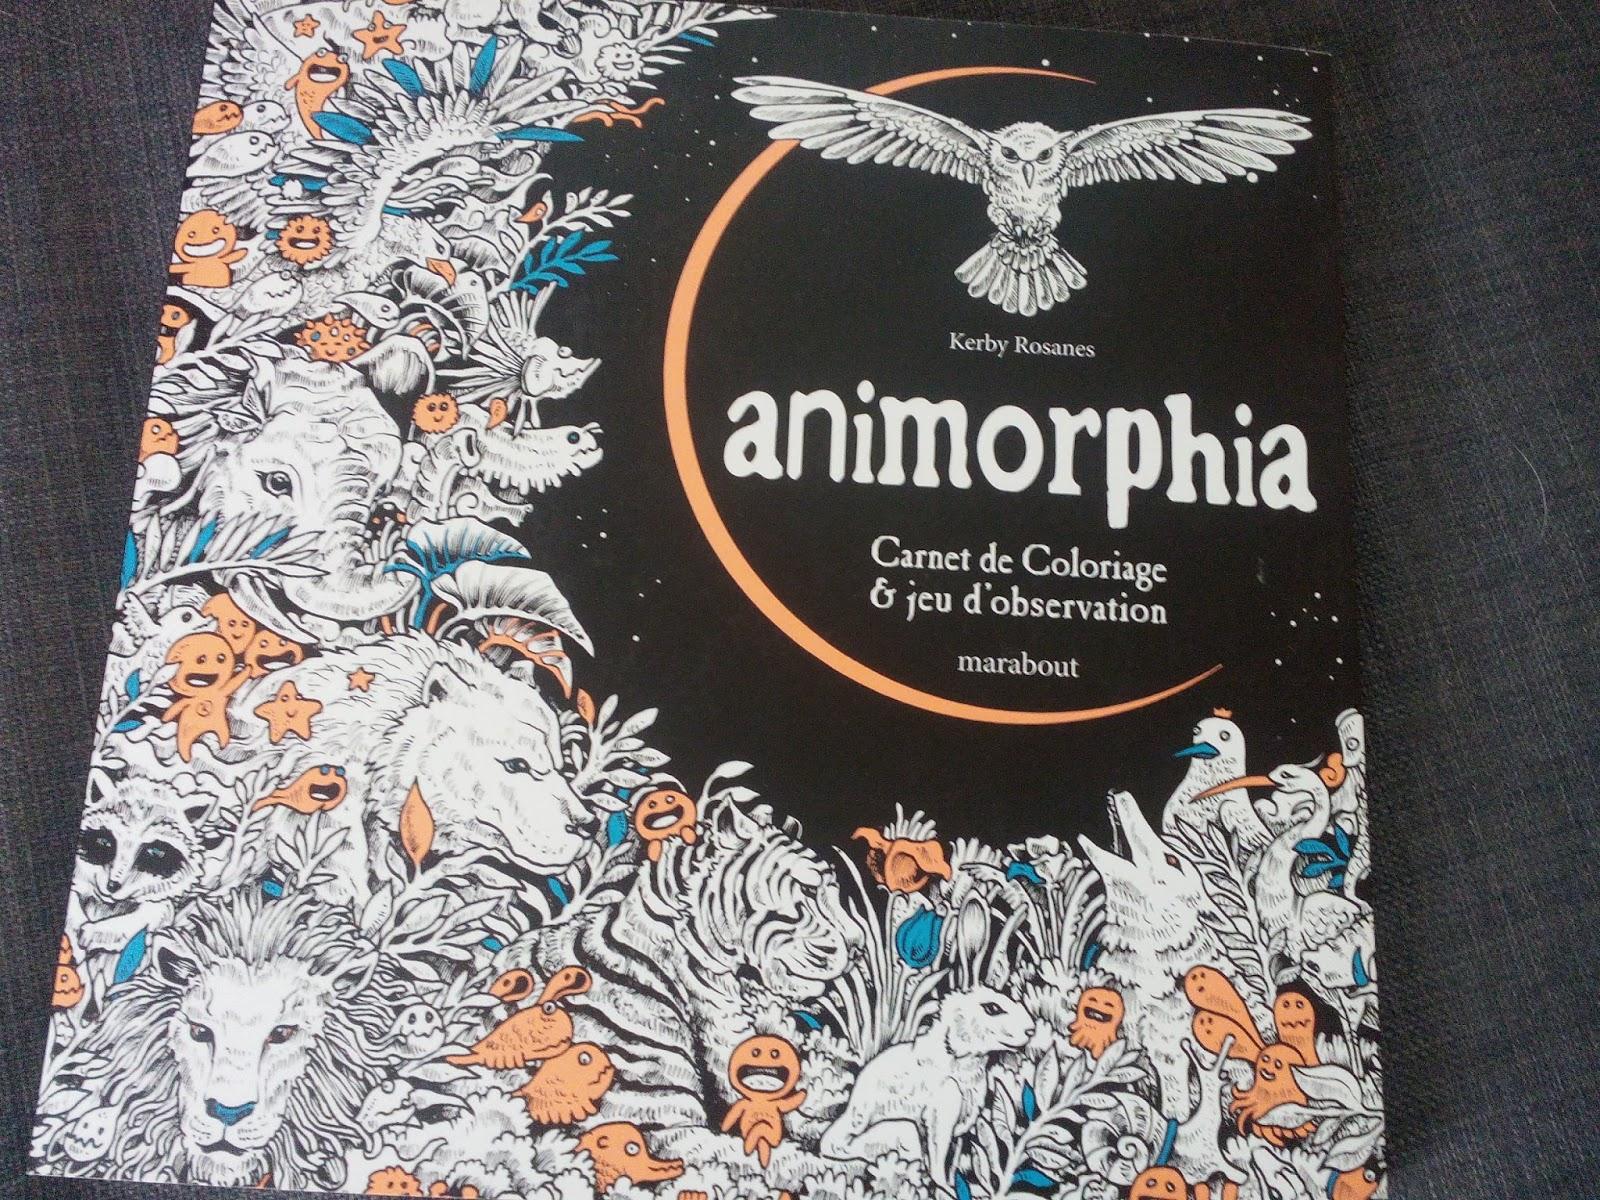 Chronique coloriage anti stress Animorphia Carnet de Coloriage & jeu d observation ♥ ♥ ♥